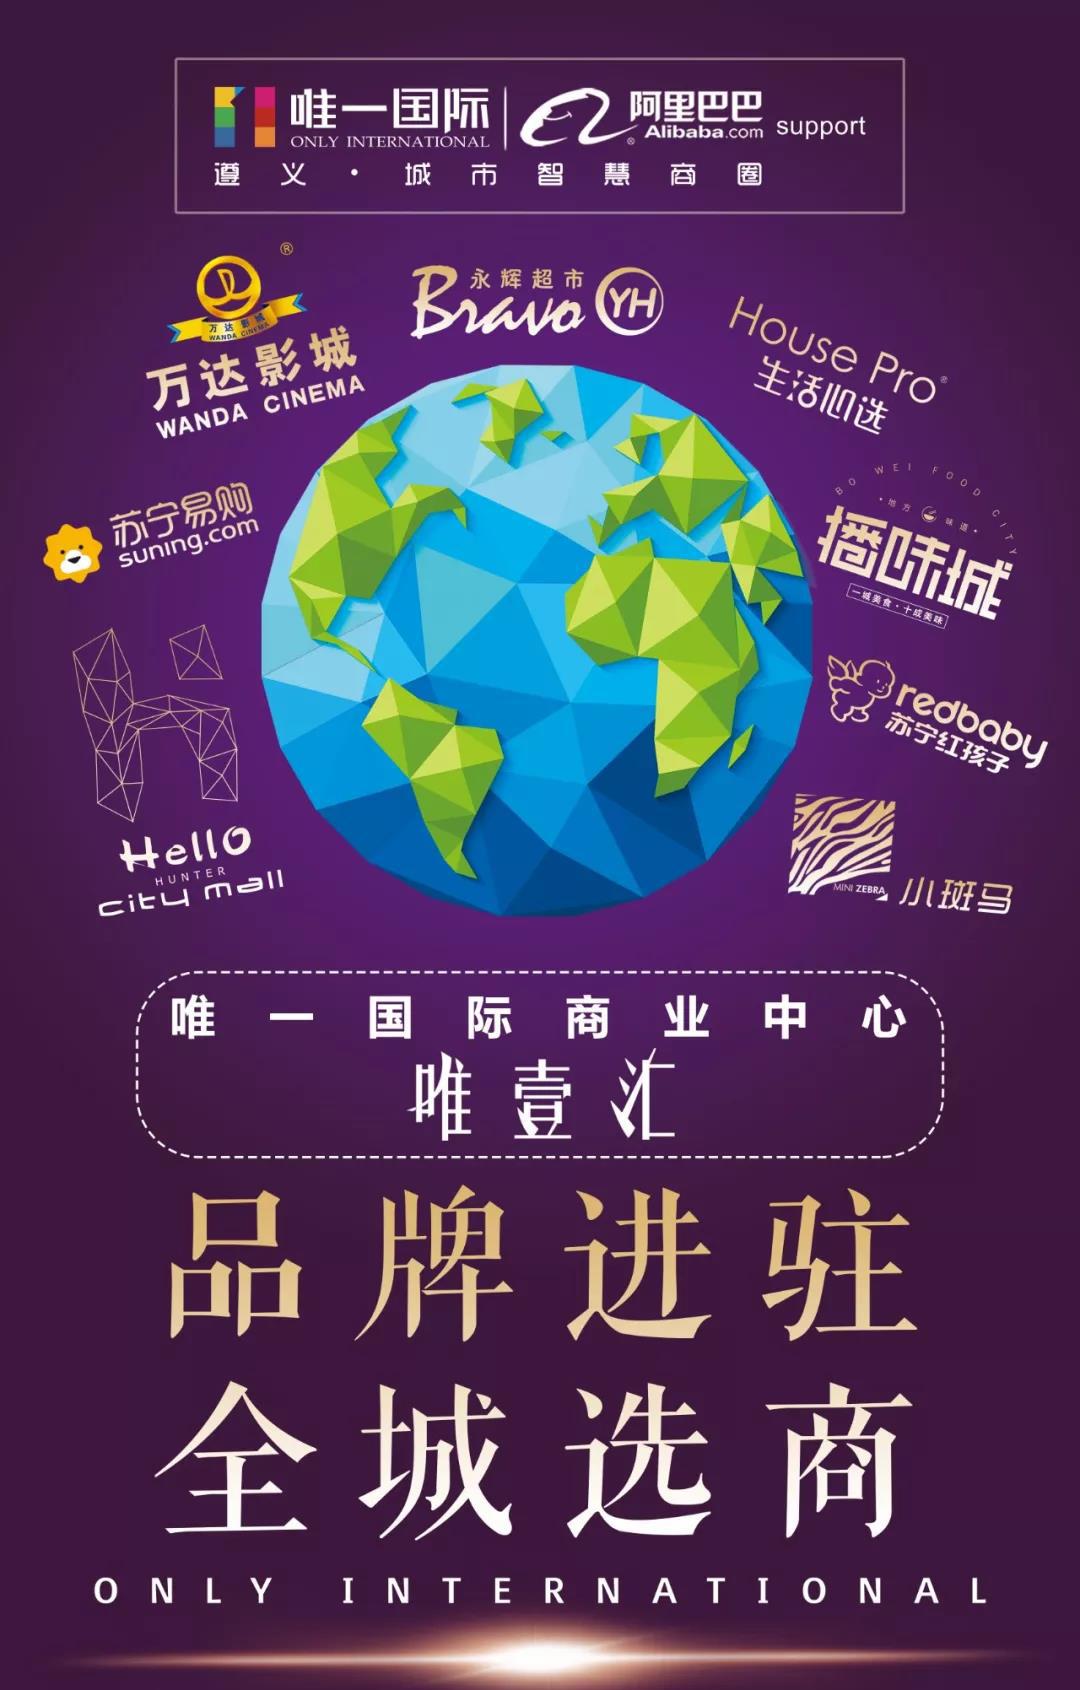 遵义唯一国际 月渐满  家音至  这个中秋记得回家-中国网地产